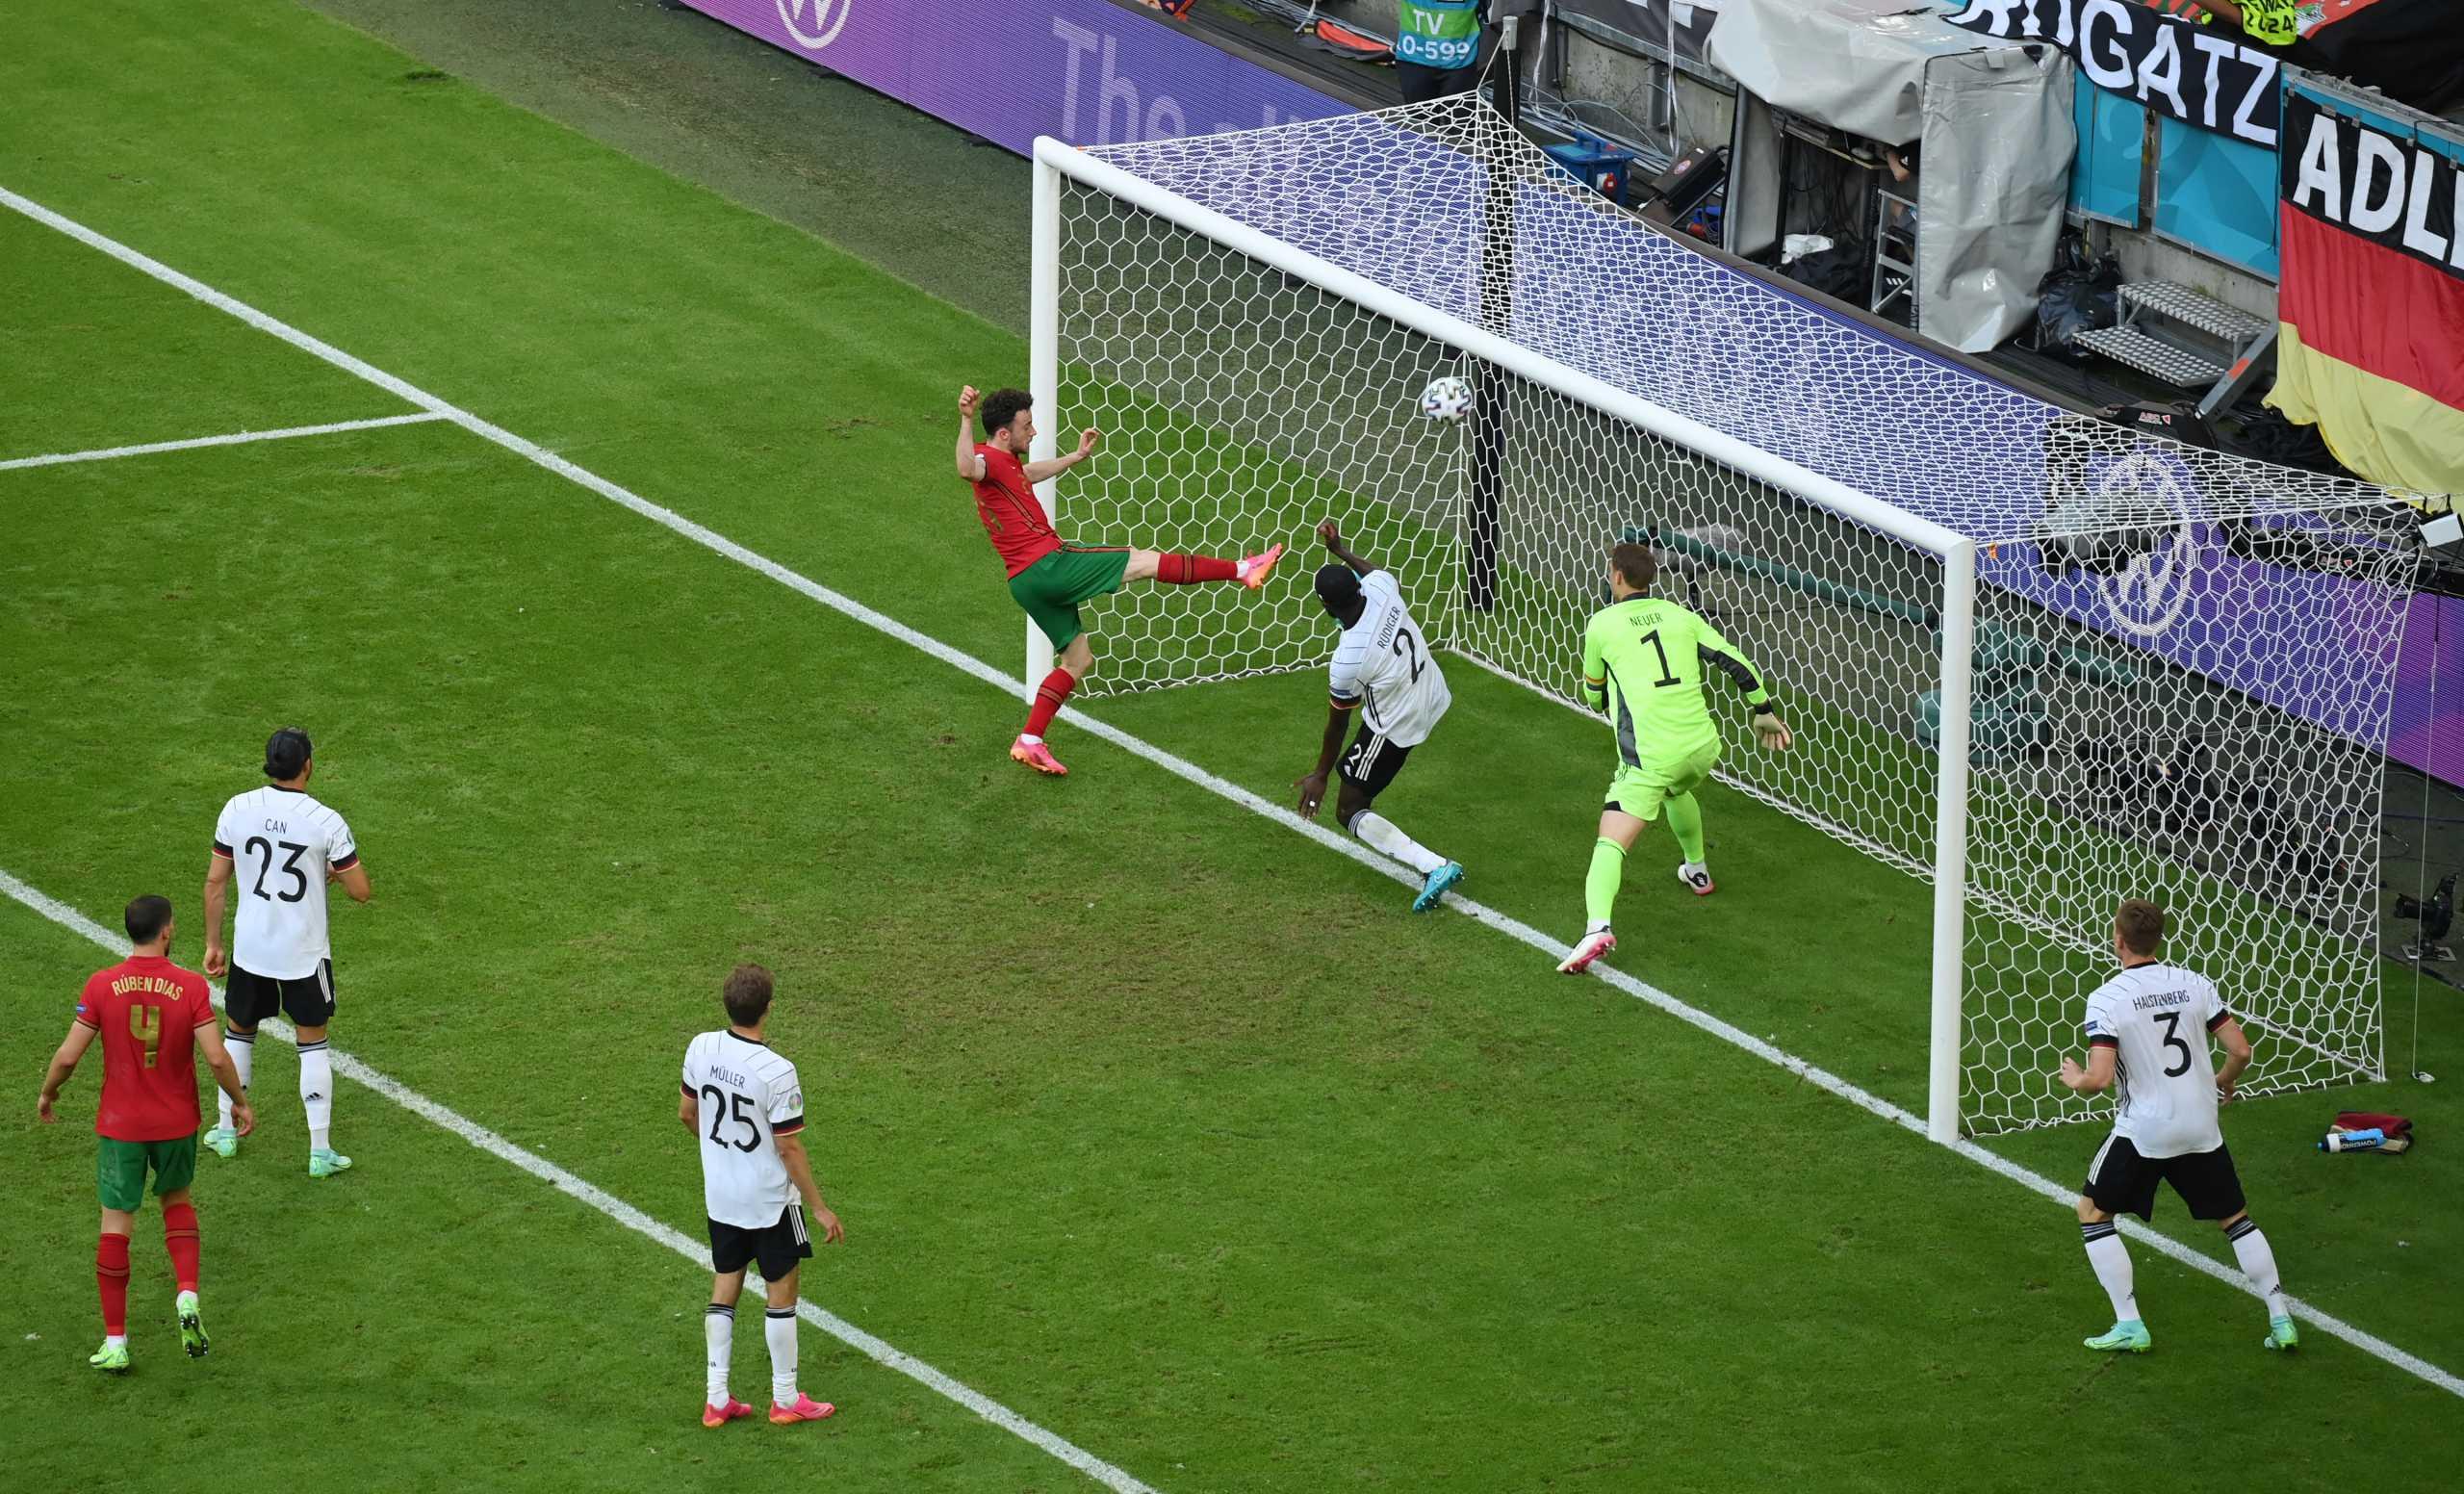 Euro 2020, Πορτογαλία – Γερμανία 2-4 ΤΕΛΙΚΟ